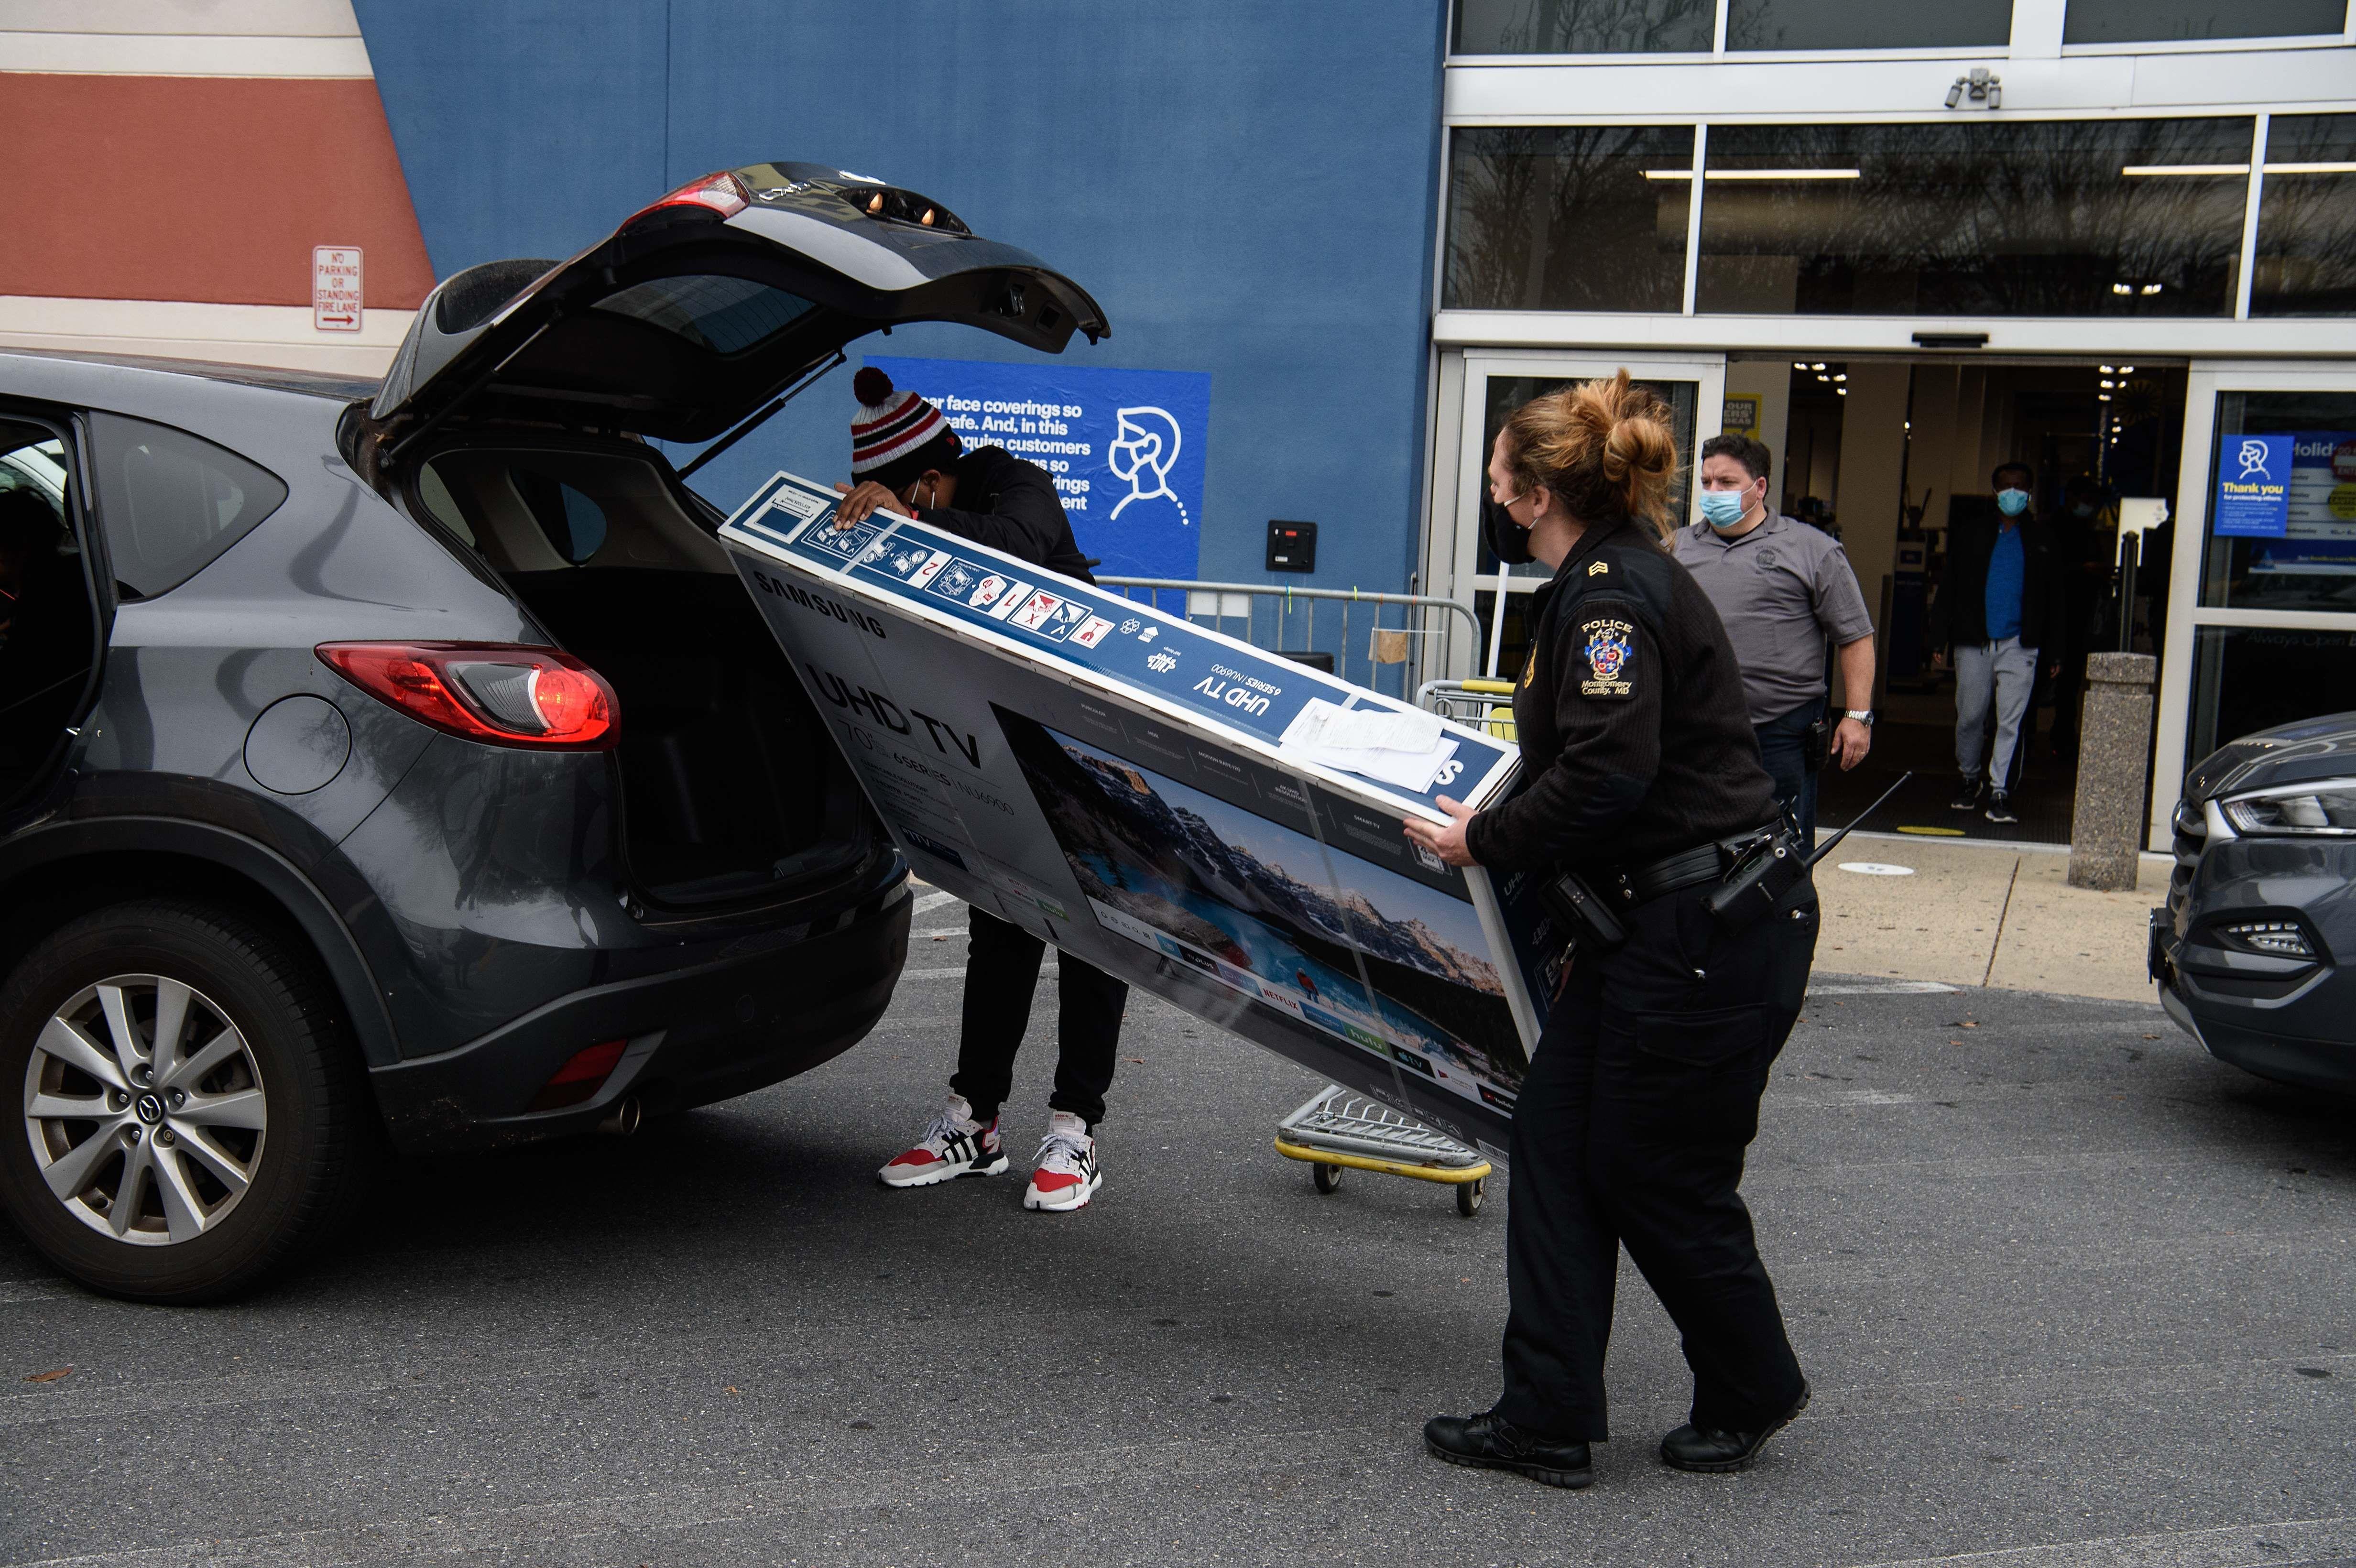 Un comprador es asistido para trasladar un televisor nuevo en su vehículo.